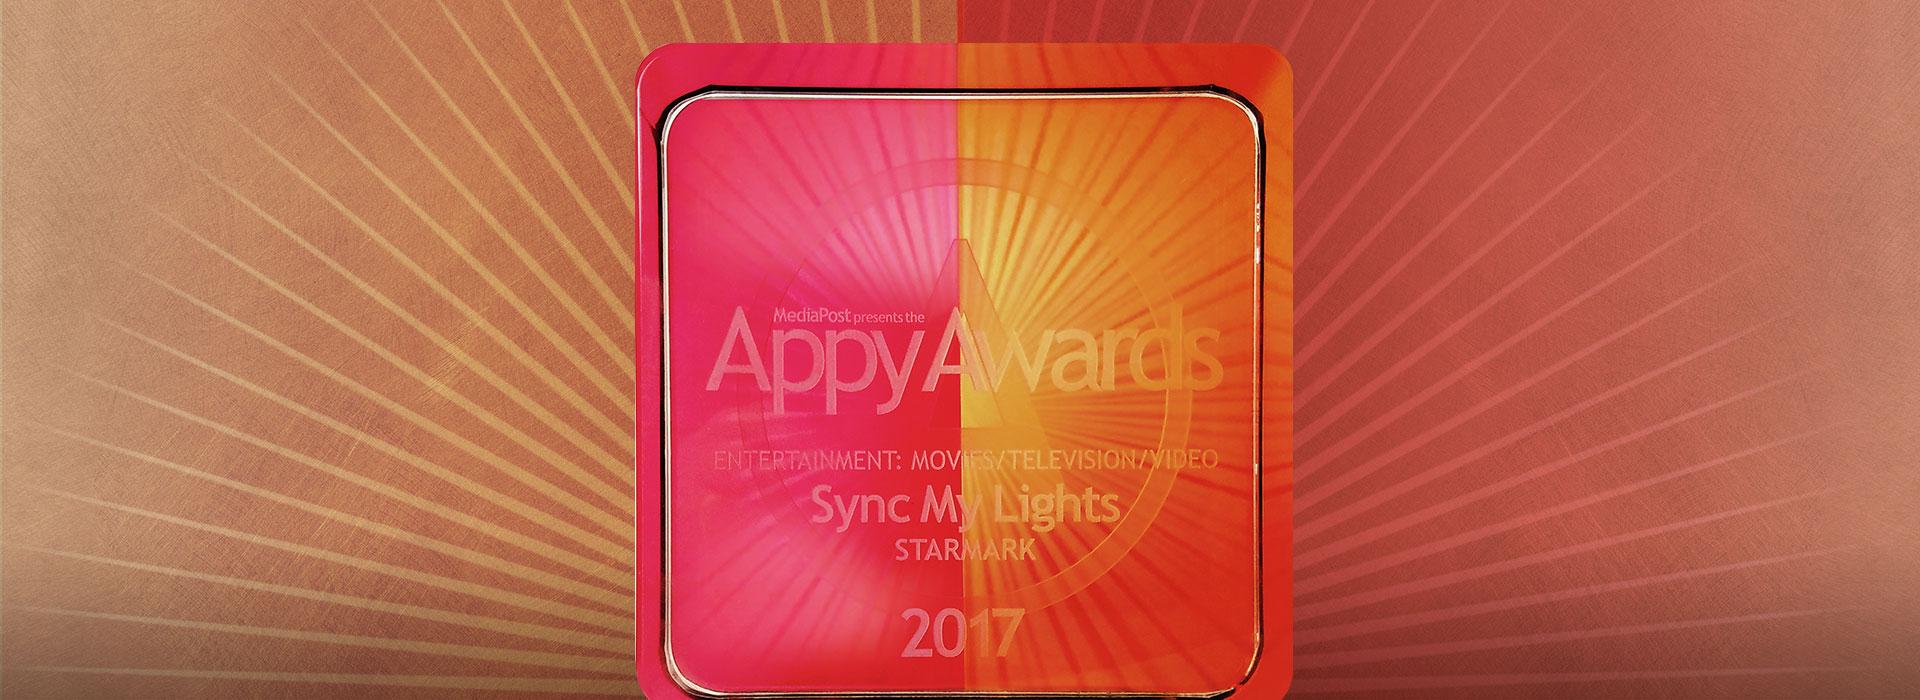 Sync My Lights earns 2017 Appy Award!